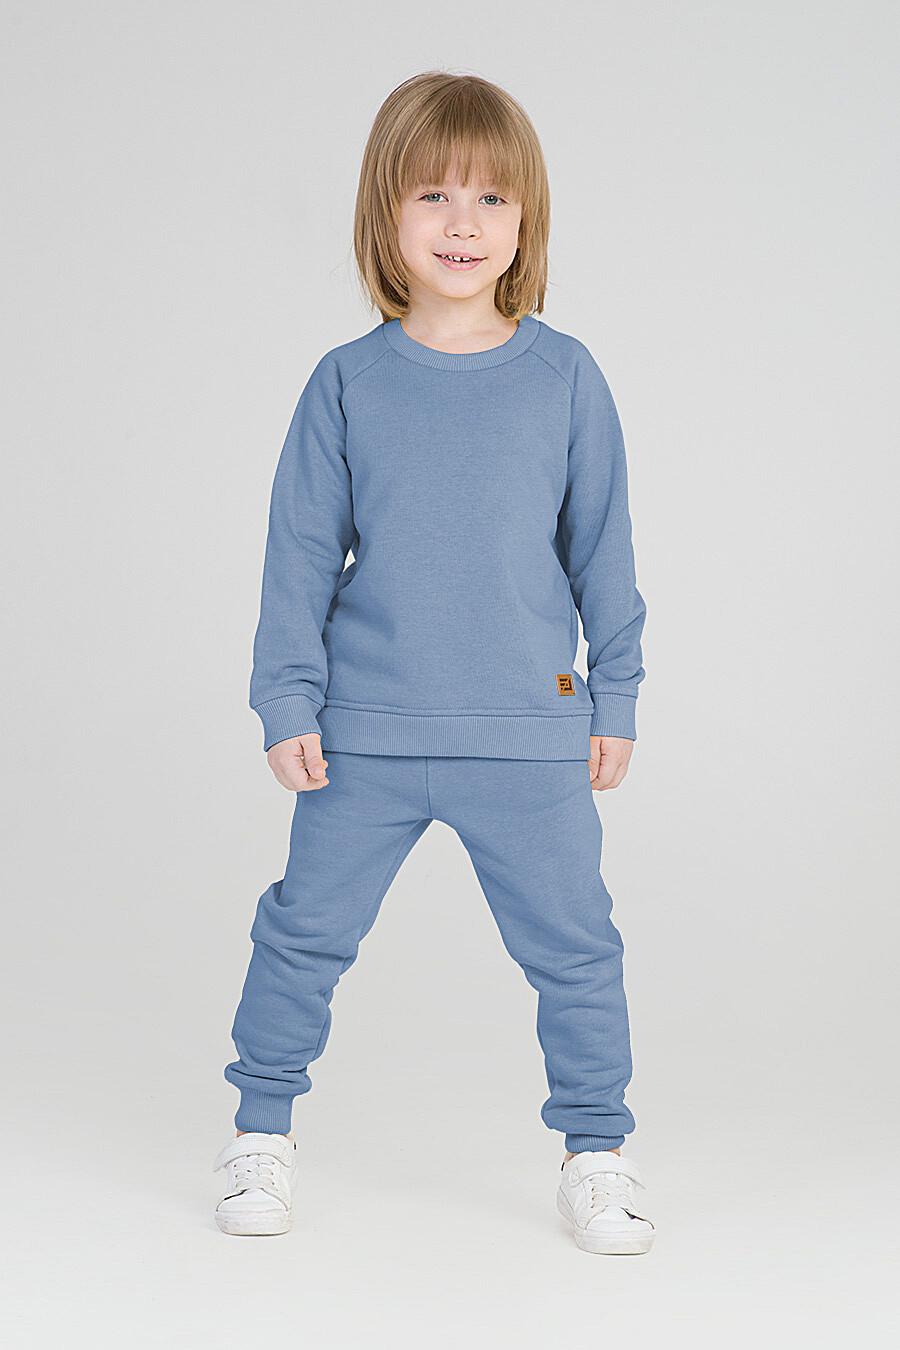 Свитшот для мальчиков EZANNA 649350 купить оптом от производителя. Совместная покупка детской одежды в OptMoyo